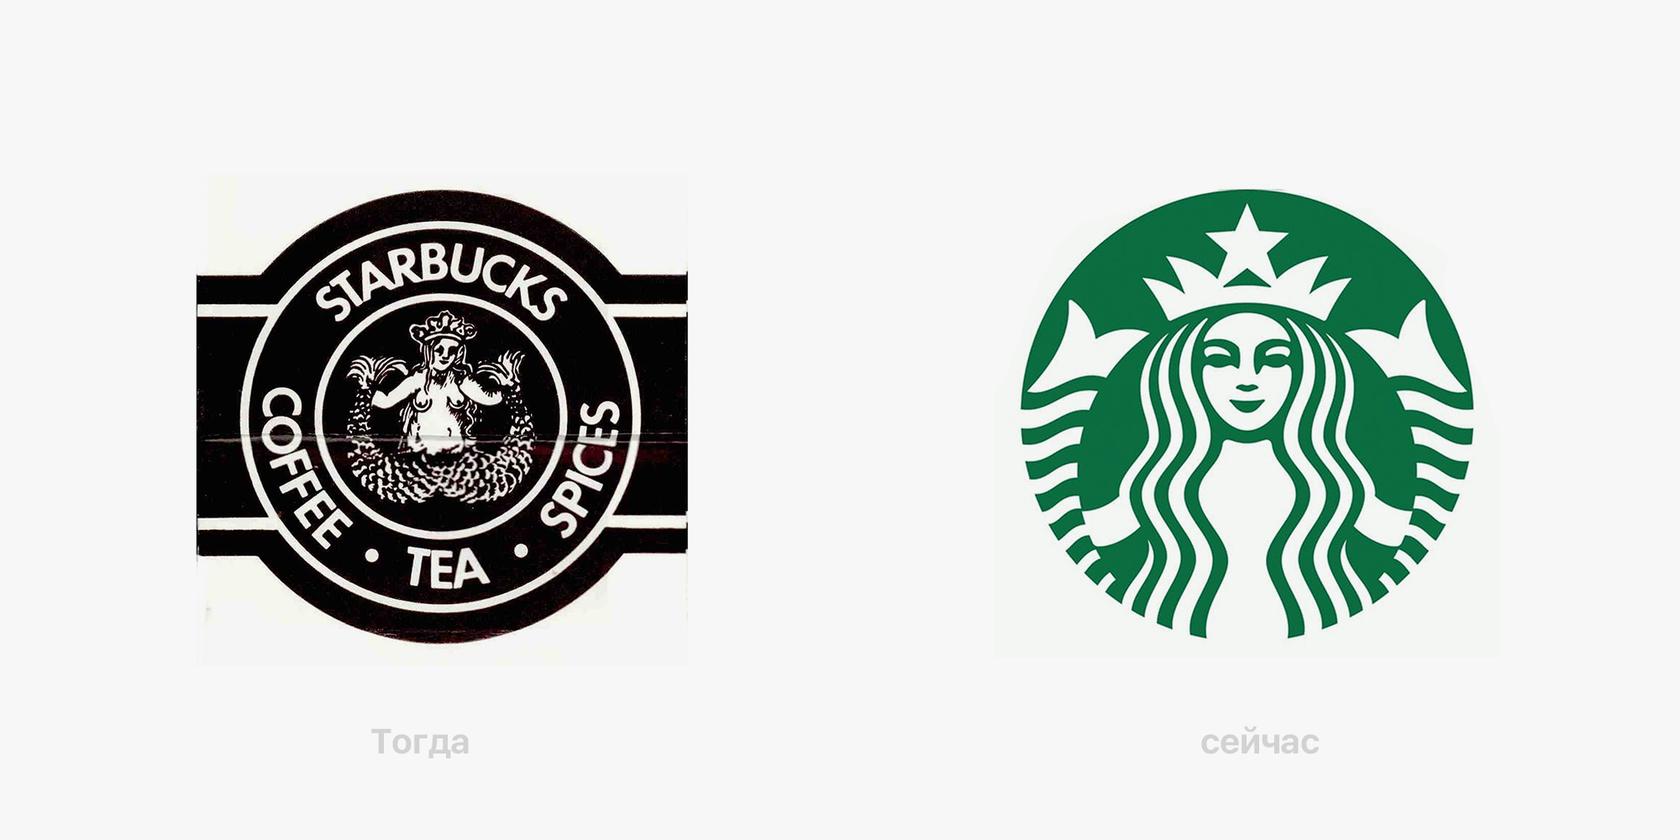 Слева — логотип, созданный основателями Starbucks, справа — логотип, разработанный дизайнерами Starbucks и Lippincott.